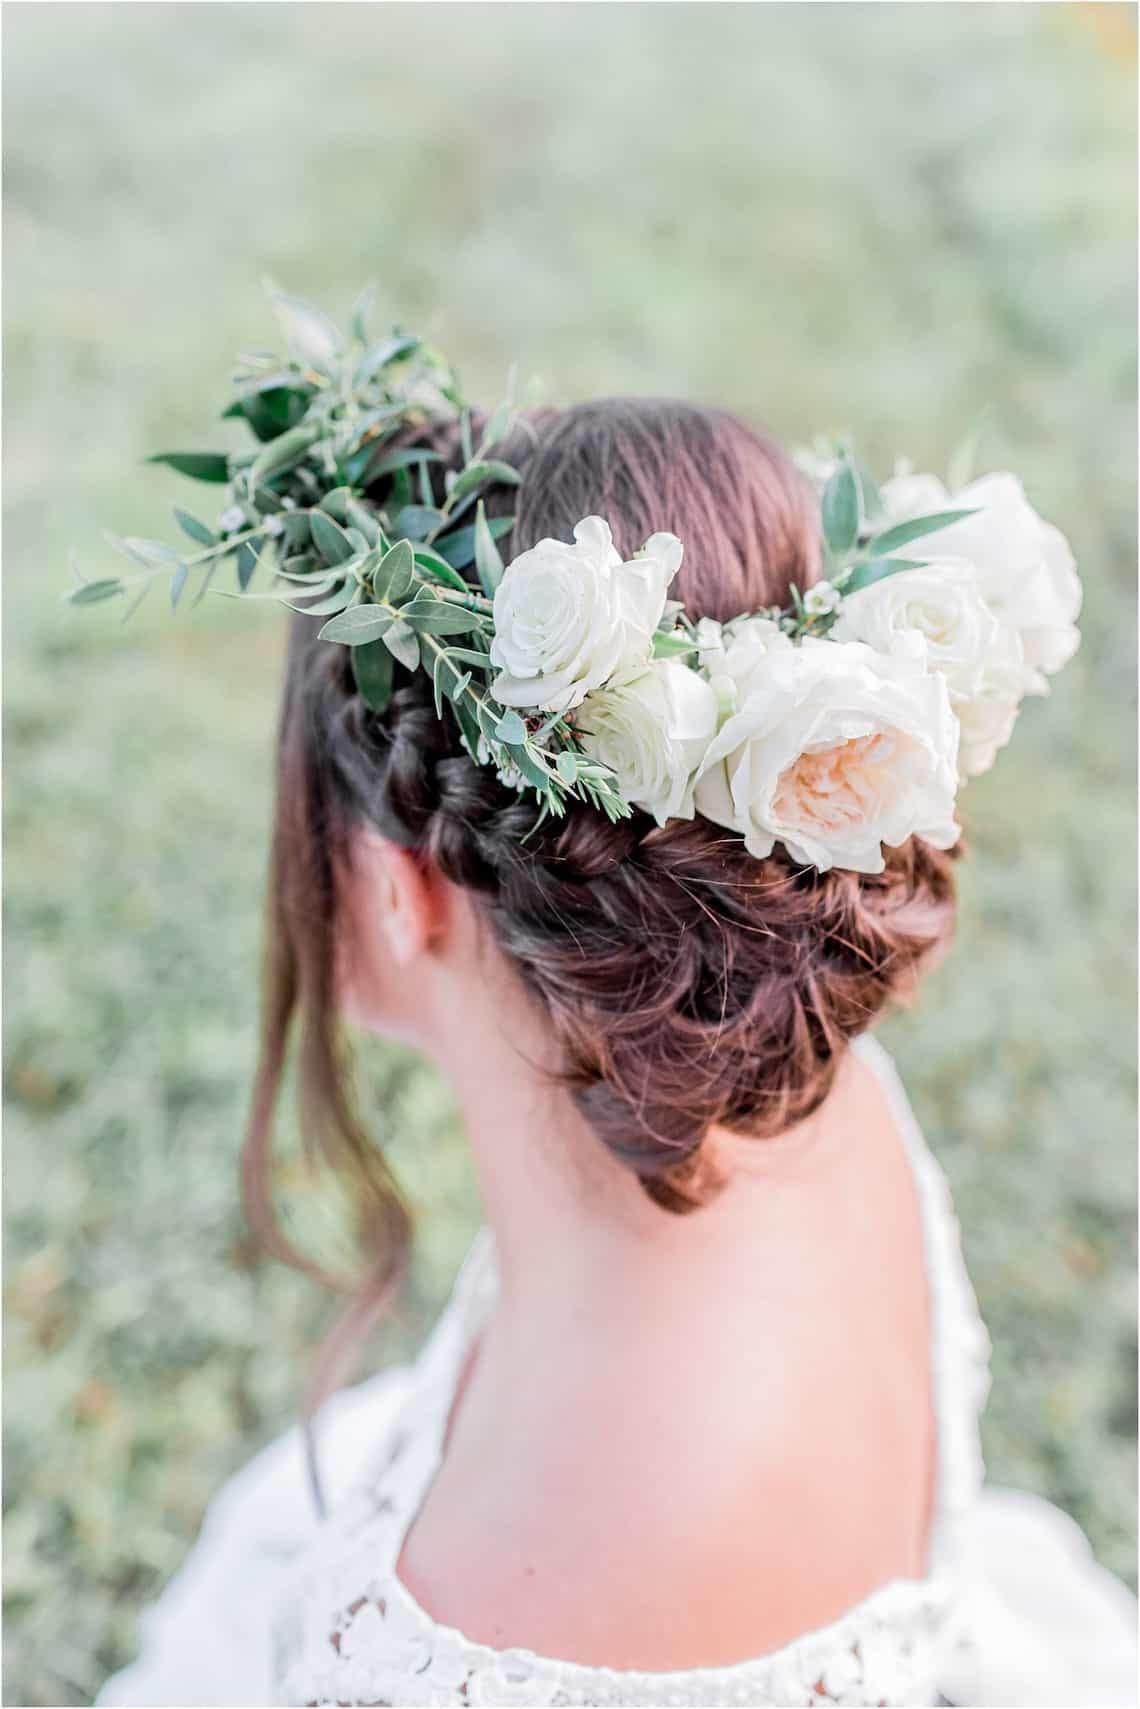 White Flower Crown on Bride